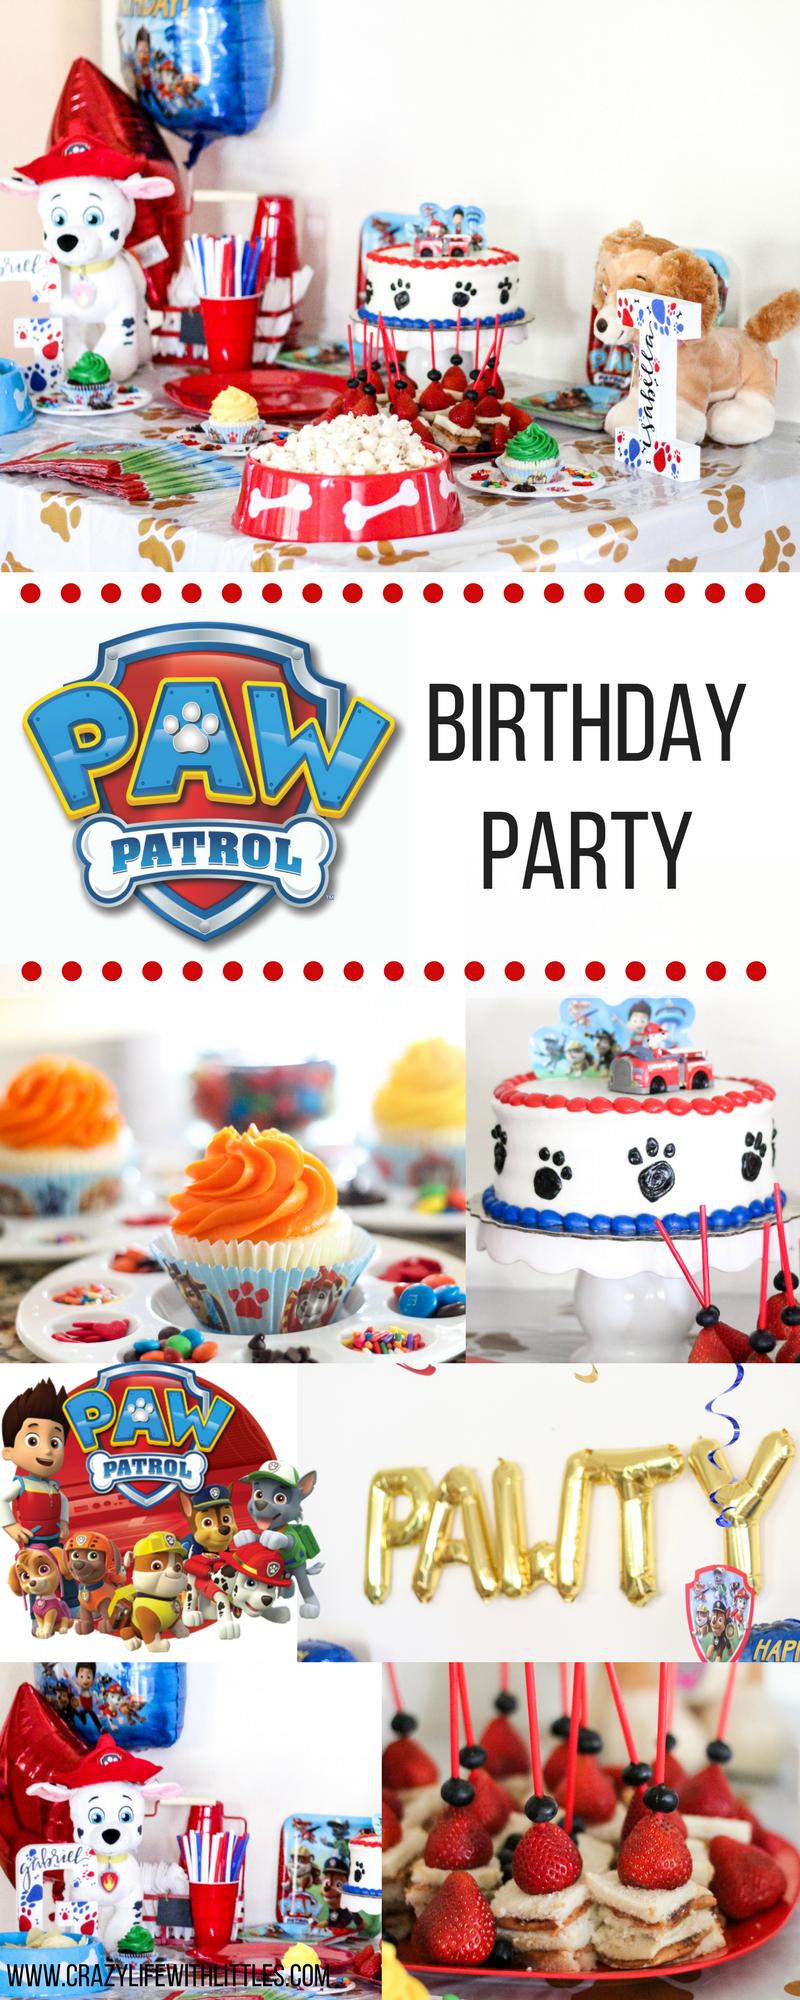 PAW PATROL BIRTHDAY PARTY Paw patrol decorations Paw patrol